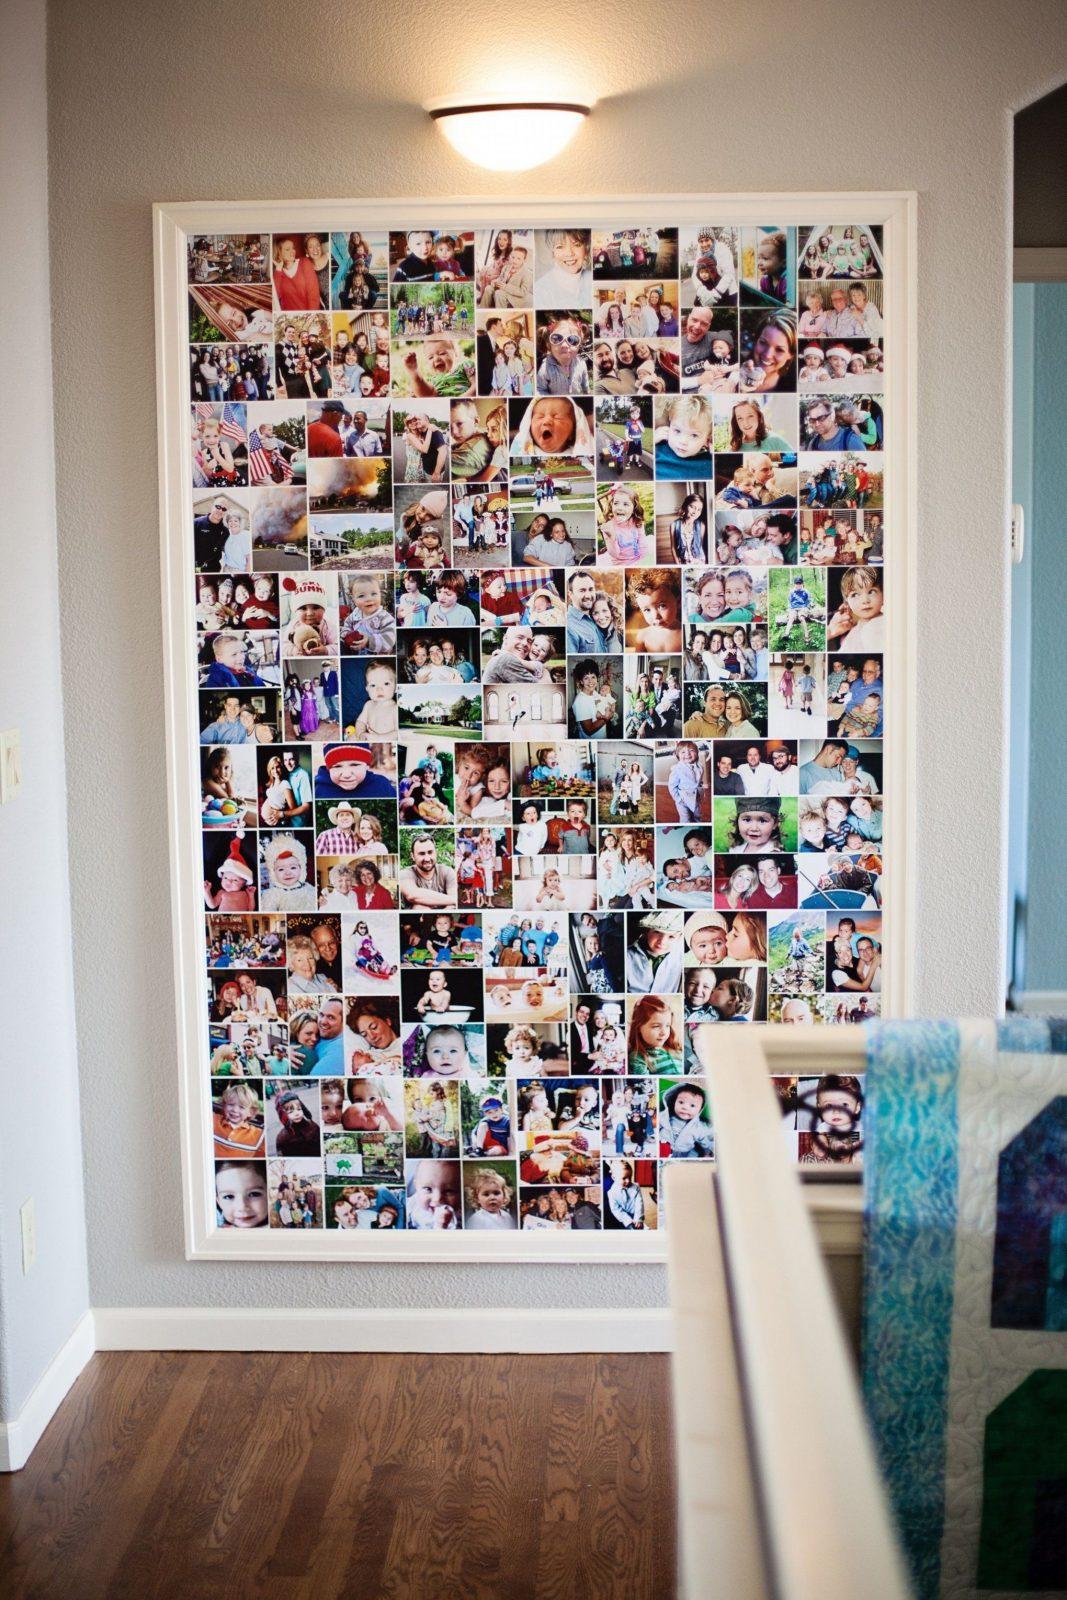 Fotocollage Selber Machen Ideen Bildergalerie Ideen von Bilder Collage Auf Leinwand Selber Machen Bild